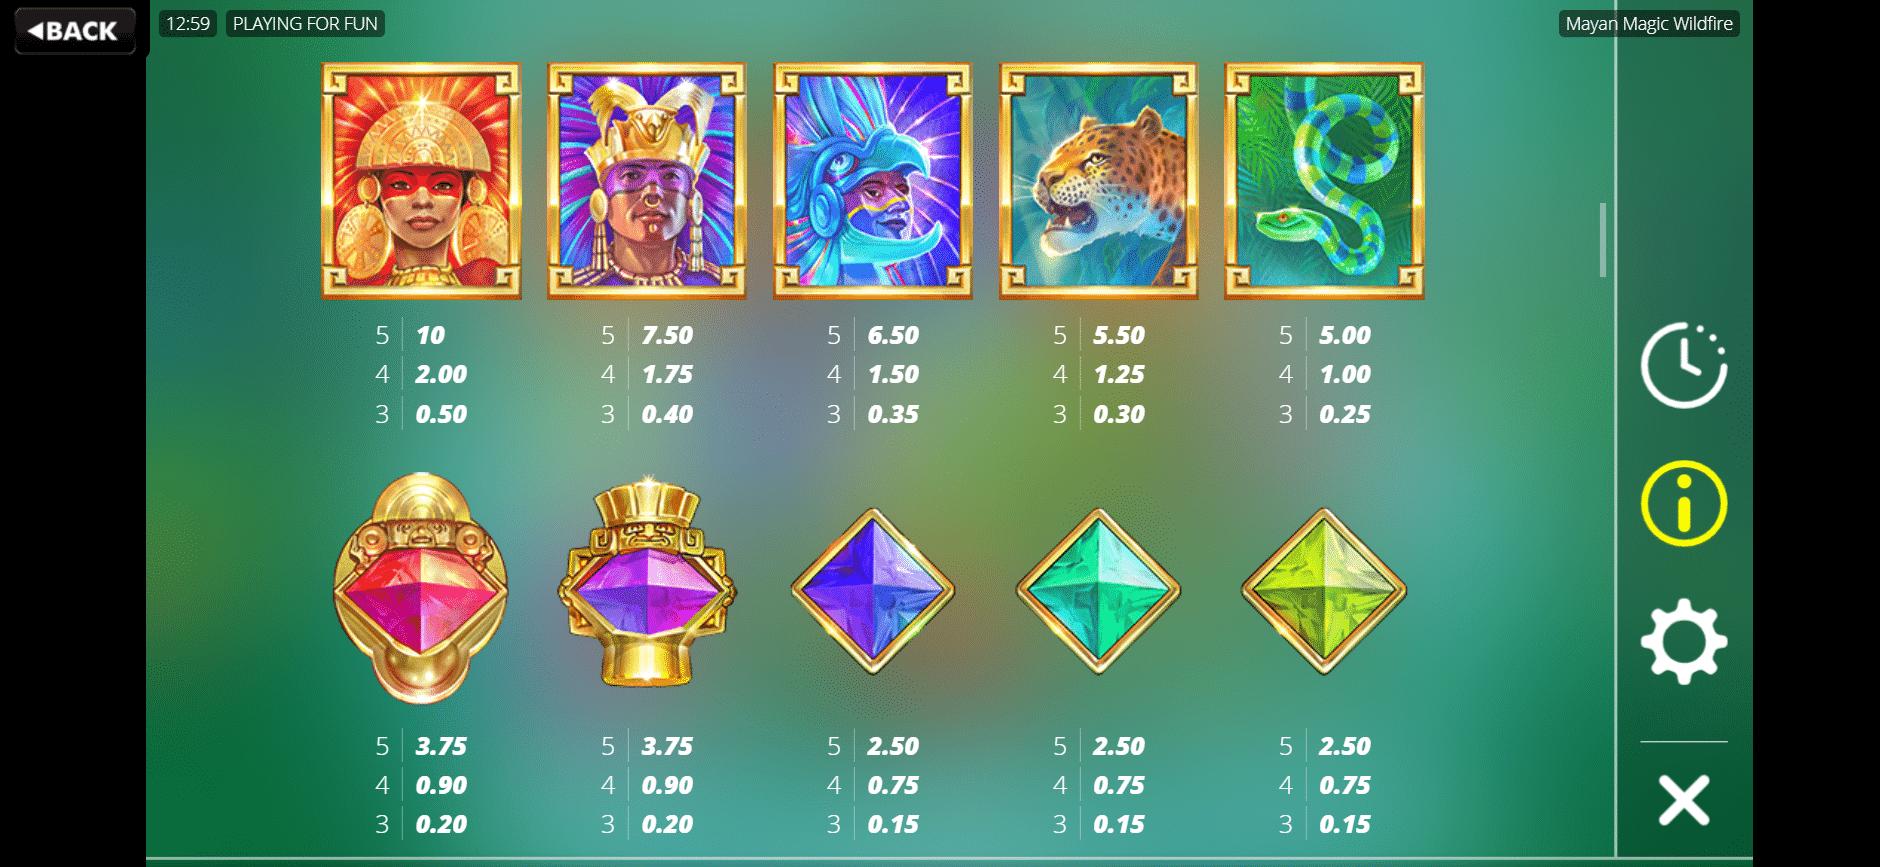 paytable della slot online mayan magic